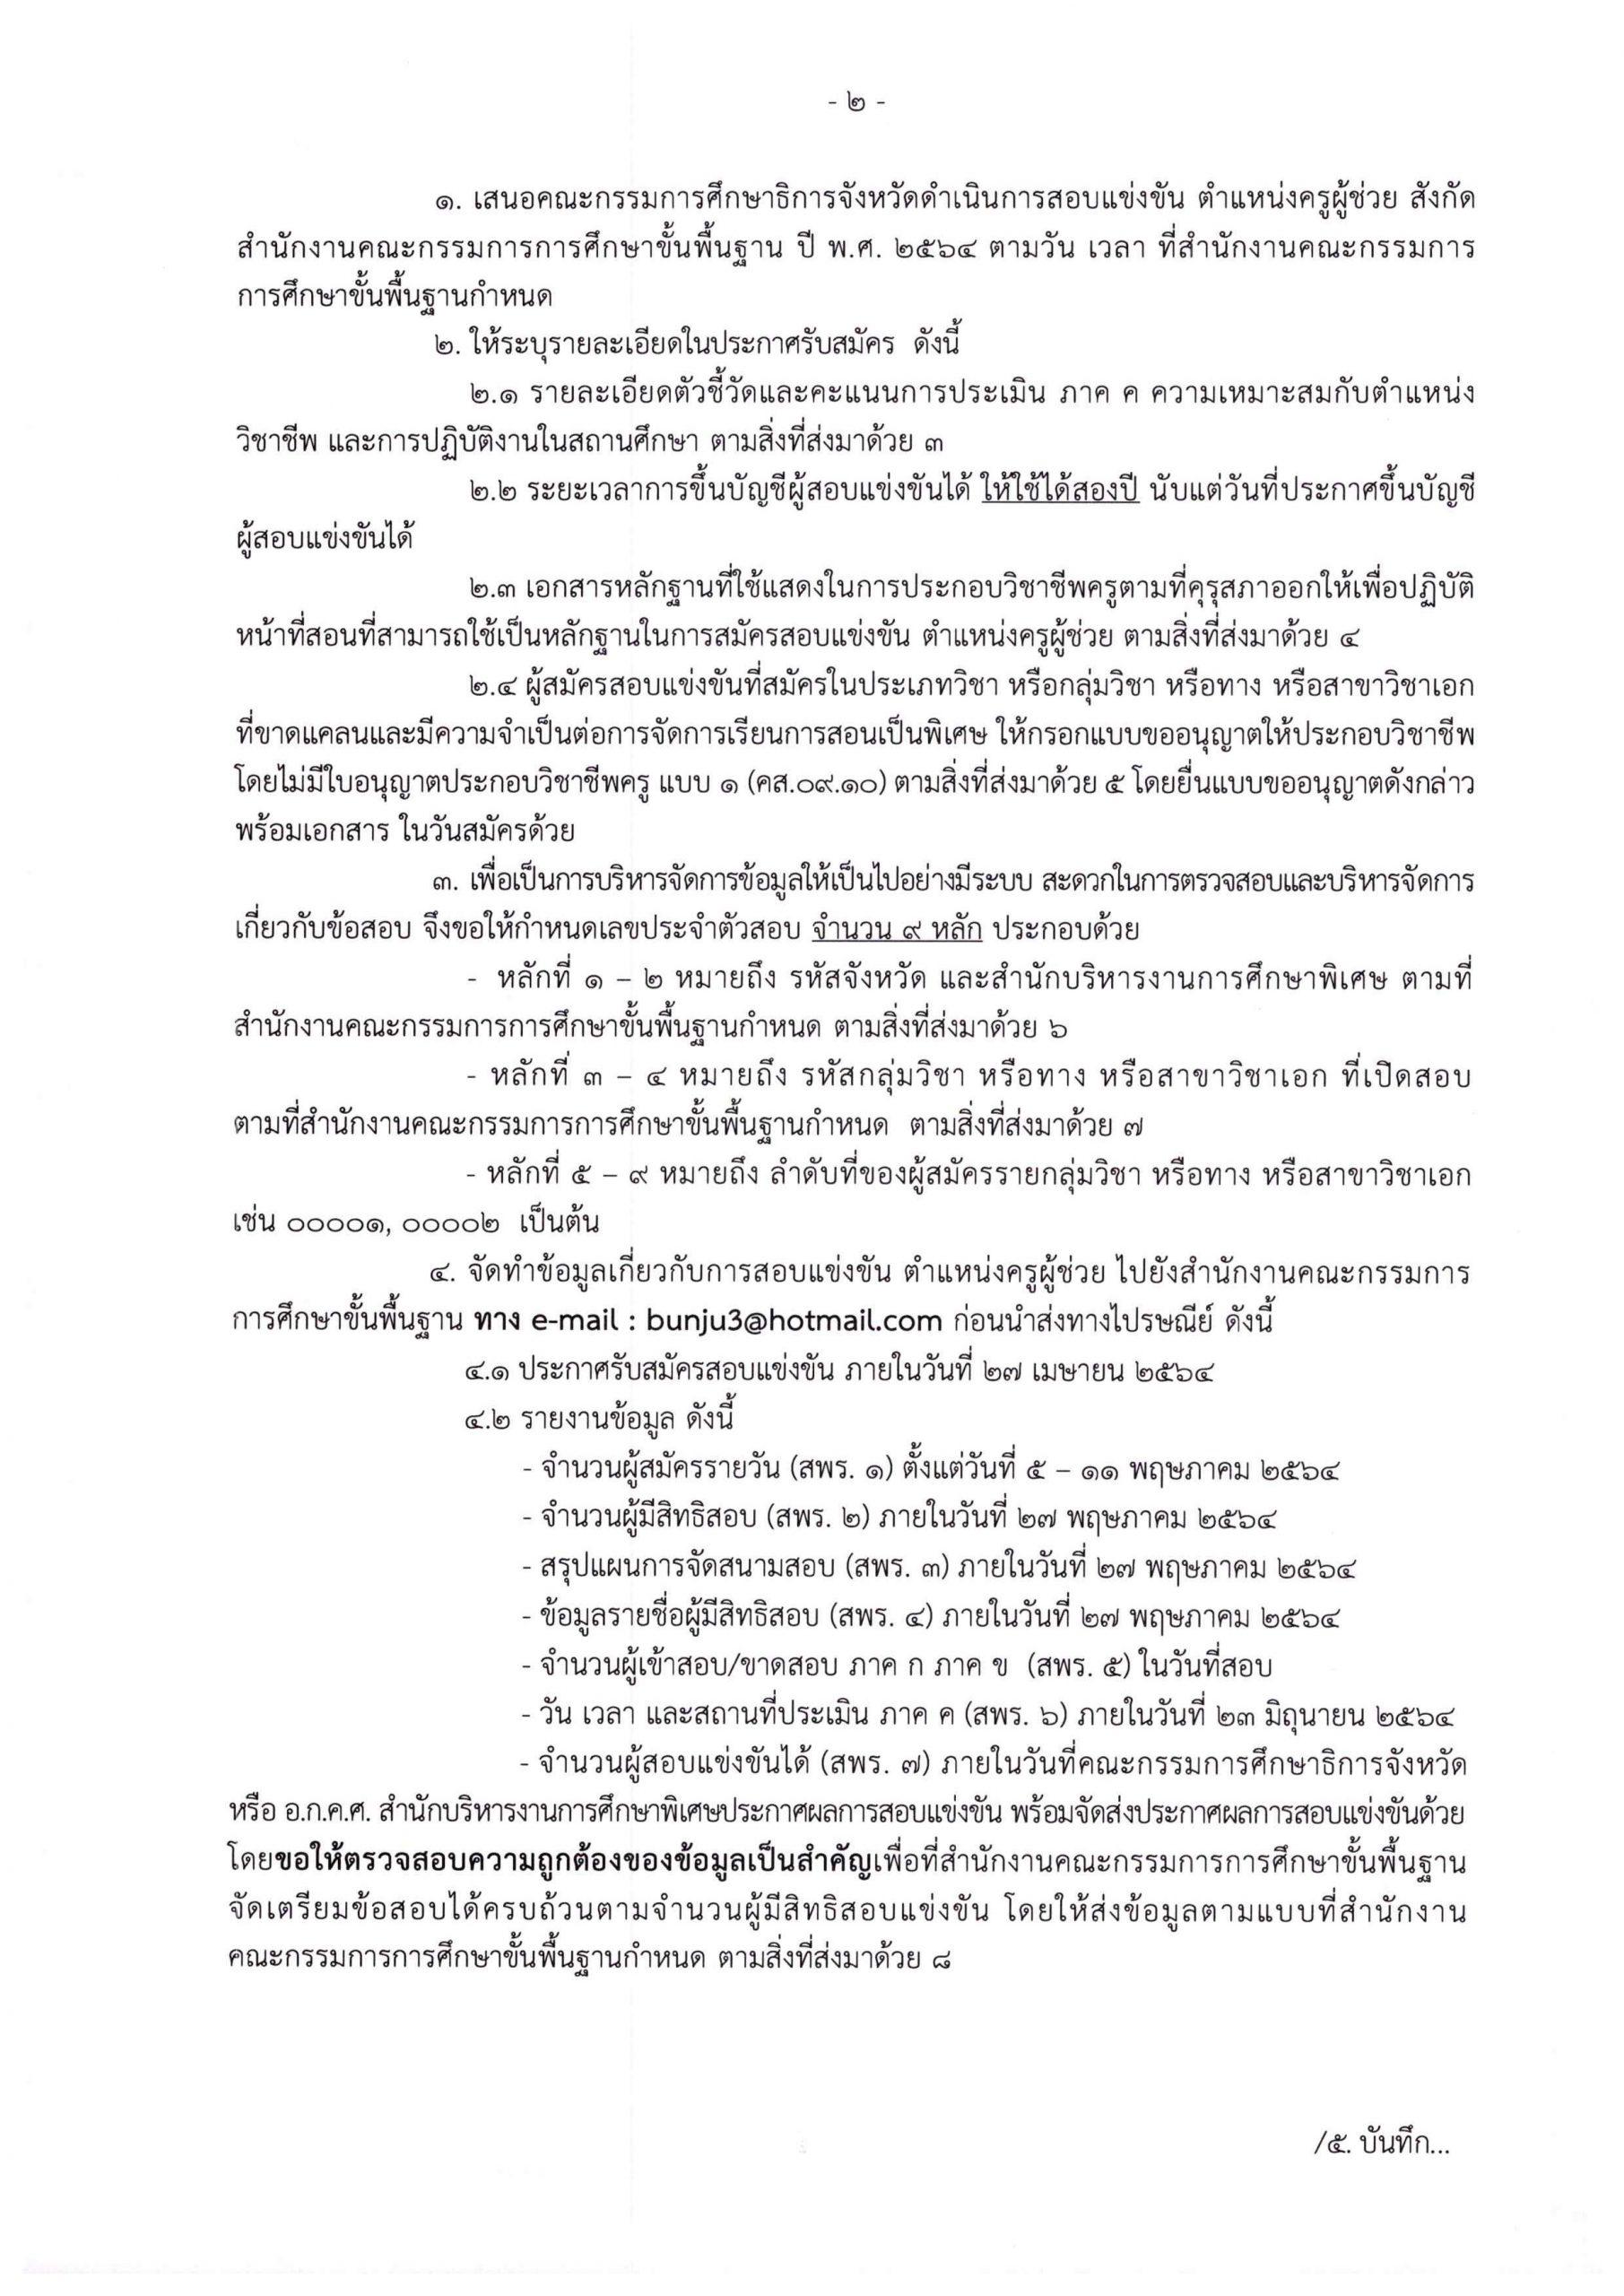 กำหนดการสอบบรรจุ ครูผู้ช่วย สพฐ. ปี 2564 สอบครูผู้ช่วย ประกาศล่าสุด 7 เมษายน 2564 02 (2)